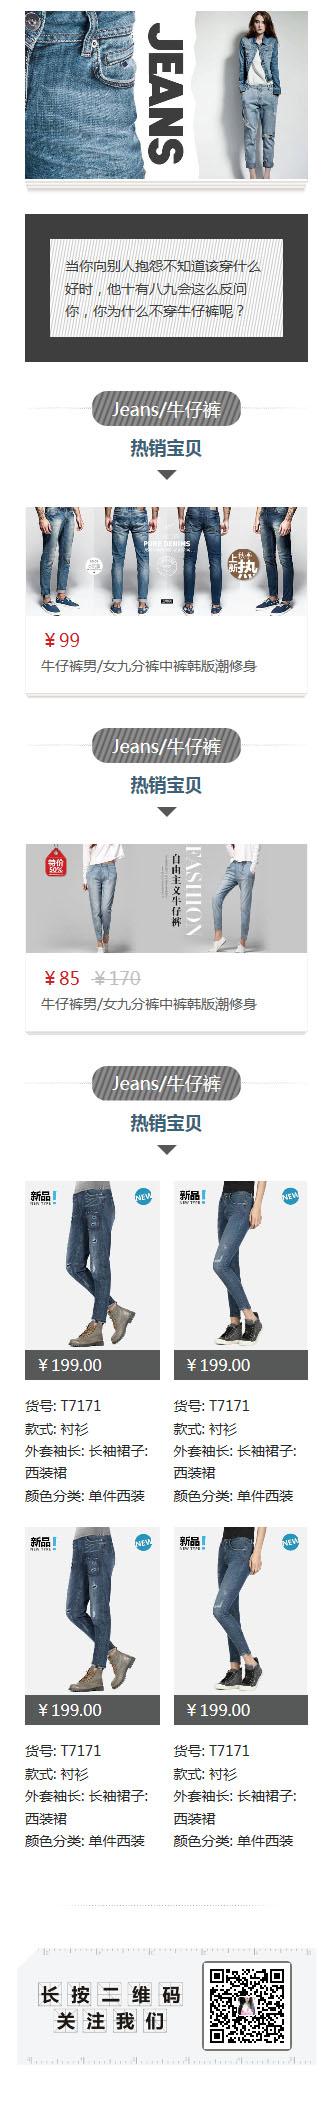 牛仔裤产品宣传微商电商公众号文章模板